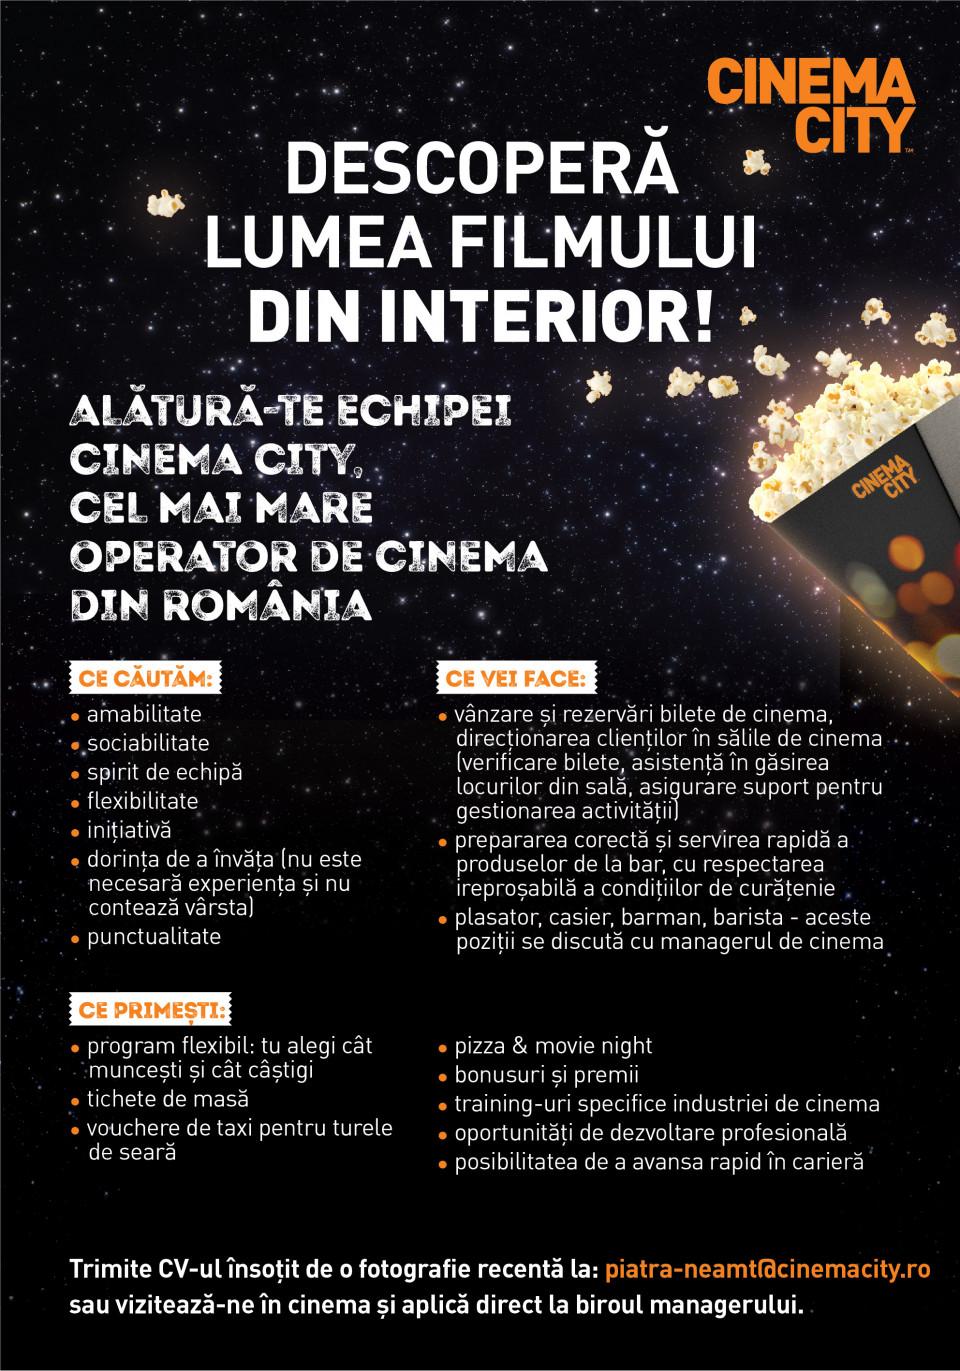 DESCOPERĂ LUMEA FILMULUI DIN INTERIOR!  Alătură-te echipei Cinema City, cel mai mare operator de cinema din România.  Cum ne dorim sa fie noul nostru coleg:  Cu atitudine pozitivă Dornic să învețe (nu este necesară experiența și nu contează vârsta) Punctual Cu bune abilități de comunicare și relaționare Amabil Să îi placă să lucreze în echipă Determinat Cu inițiativă Căutăm colegi care să descopere cu entuziasm lumea filmului din interior pentru următoarele roluri  Barman / Barista / Casier / Plasator  În funcție de rolul potrivit pentru tine, responsabilitățile generale ar putea fi:  - vânzarea de bilete și rezervări bilete de cinema, direcționarea clienților în cinema (verificare bilete, asistență în găsirea locurilor din sală, asigurare suport pentru gestionarea activității);  - preparea corectă și servirea rapidă a produselor de la bar sau cafenea, cu respectarea ireproșabilă a condițiilor de curățenie;  - întâmpinarea clienților și oferirea informațiilor corecte despre produsele noastre;  Barman / Barista / Casier / Plasator – aceste poziții se discută în cadrul interviului.  Ce îți garantăm:  - Program flexibil (tu alegi cât muncești și cât câștigi) - Tichete de masa - Pizza & Movie night - Bonusuri și premii - Training-uri specifice industriei de cinema - Vouchere de taxi pentru turele de seară - Oportunități de dezvoltare profesională - Posibilitatea de a avansa rapid în carieră  Punem accent pe dezvoltarea oamenilor și ne dorim ca fiecare coleg să fie foarte bine pregătit profesional existând șanse de promovare. Dezvoltă și tu o carieră în industria de cinema!  Trimite CV-ul insotit de o fotografie recenta la: piatra-neamt@cinemacity.ro sau viziteaza-ne in cinema si aplica direct la biroul managerului.  Te așteptăm cu drag! Descoperă lumea filmului din interior!Alătură-te echipei Cinema City, cel mai mare operator de cinema din România, parte din Cineworld, al doilea mare lanț de cinematografe din lume!Ne dorim să fim cel mai bun loc unde se vizionează film